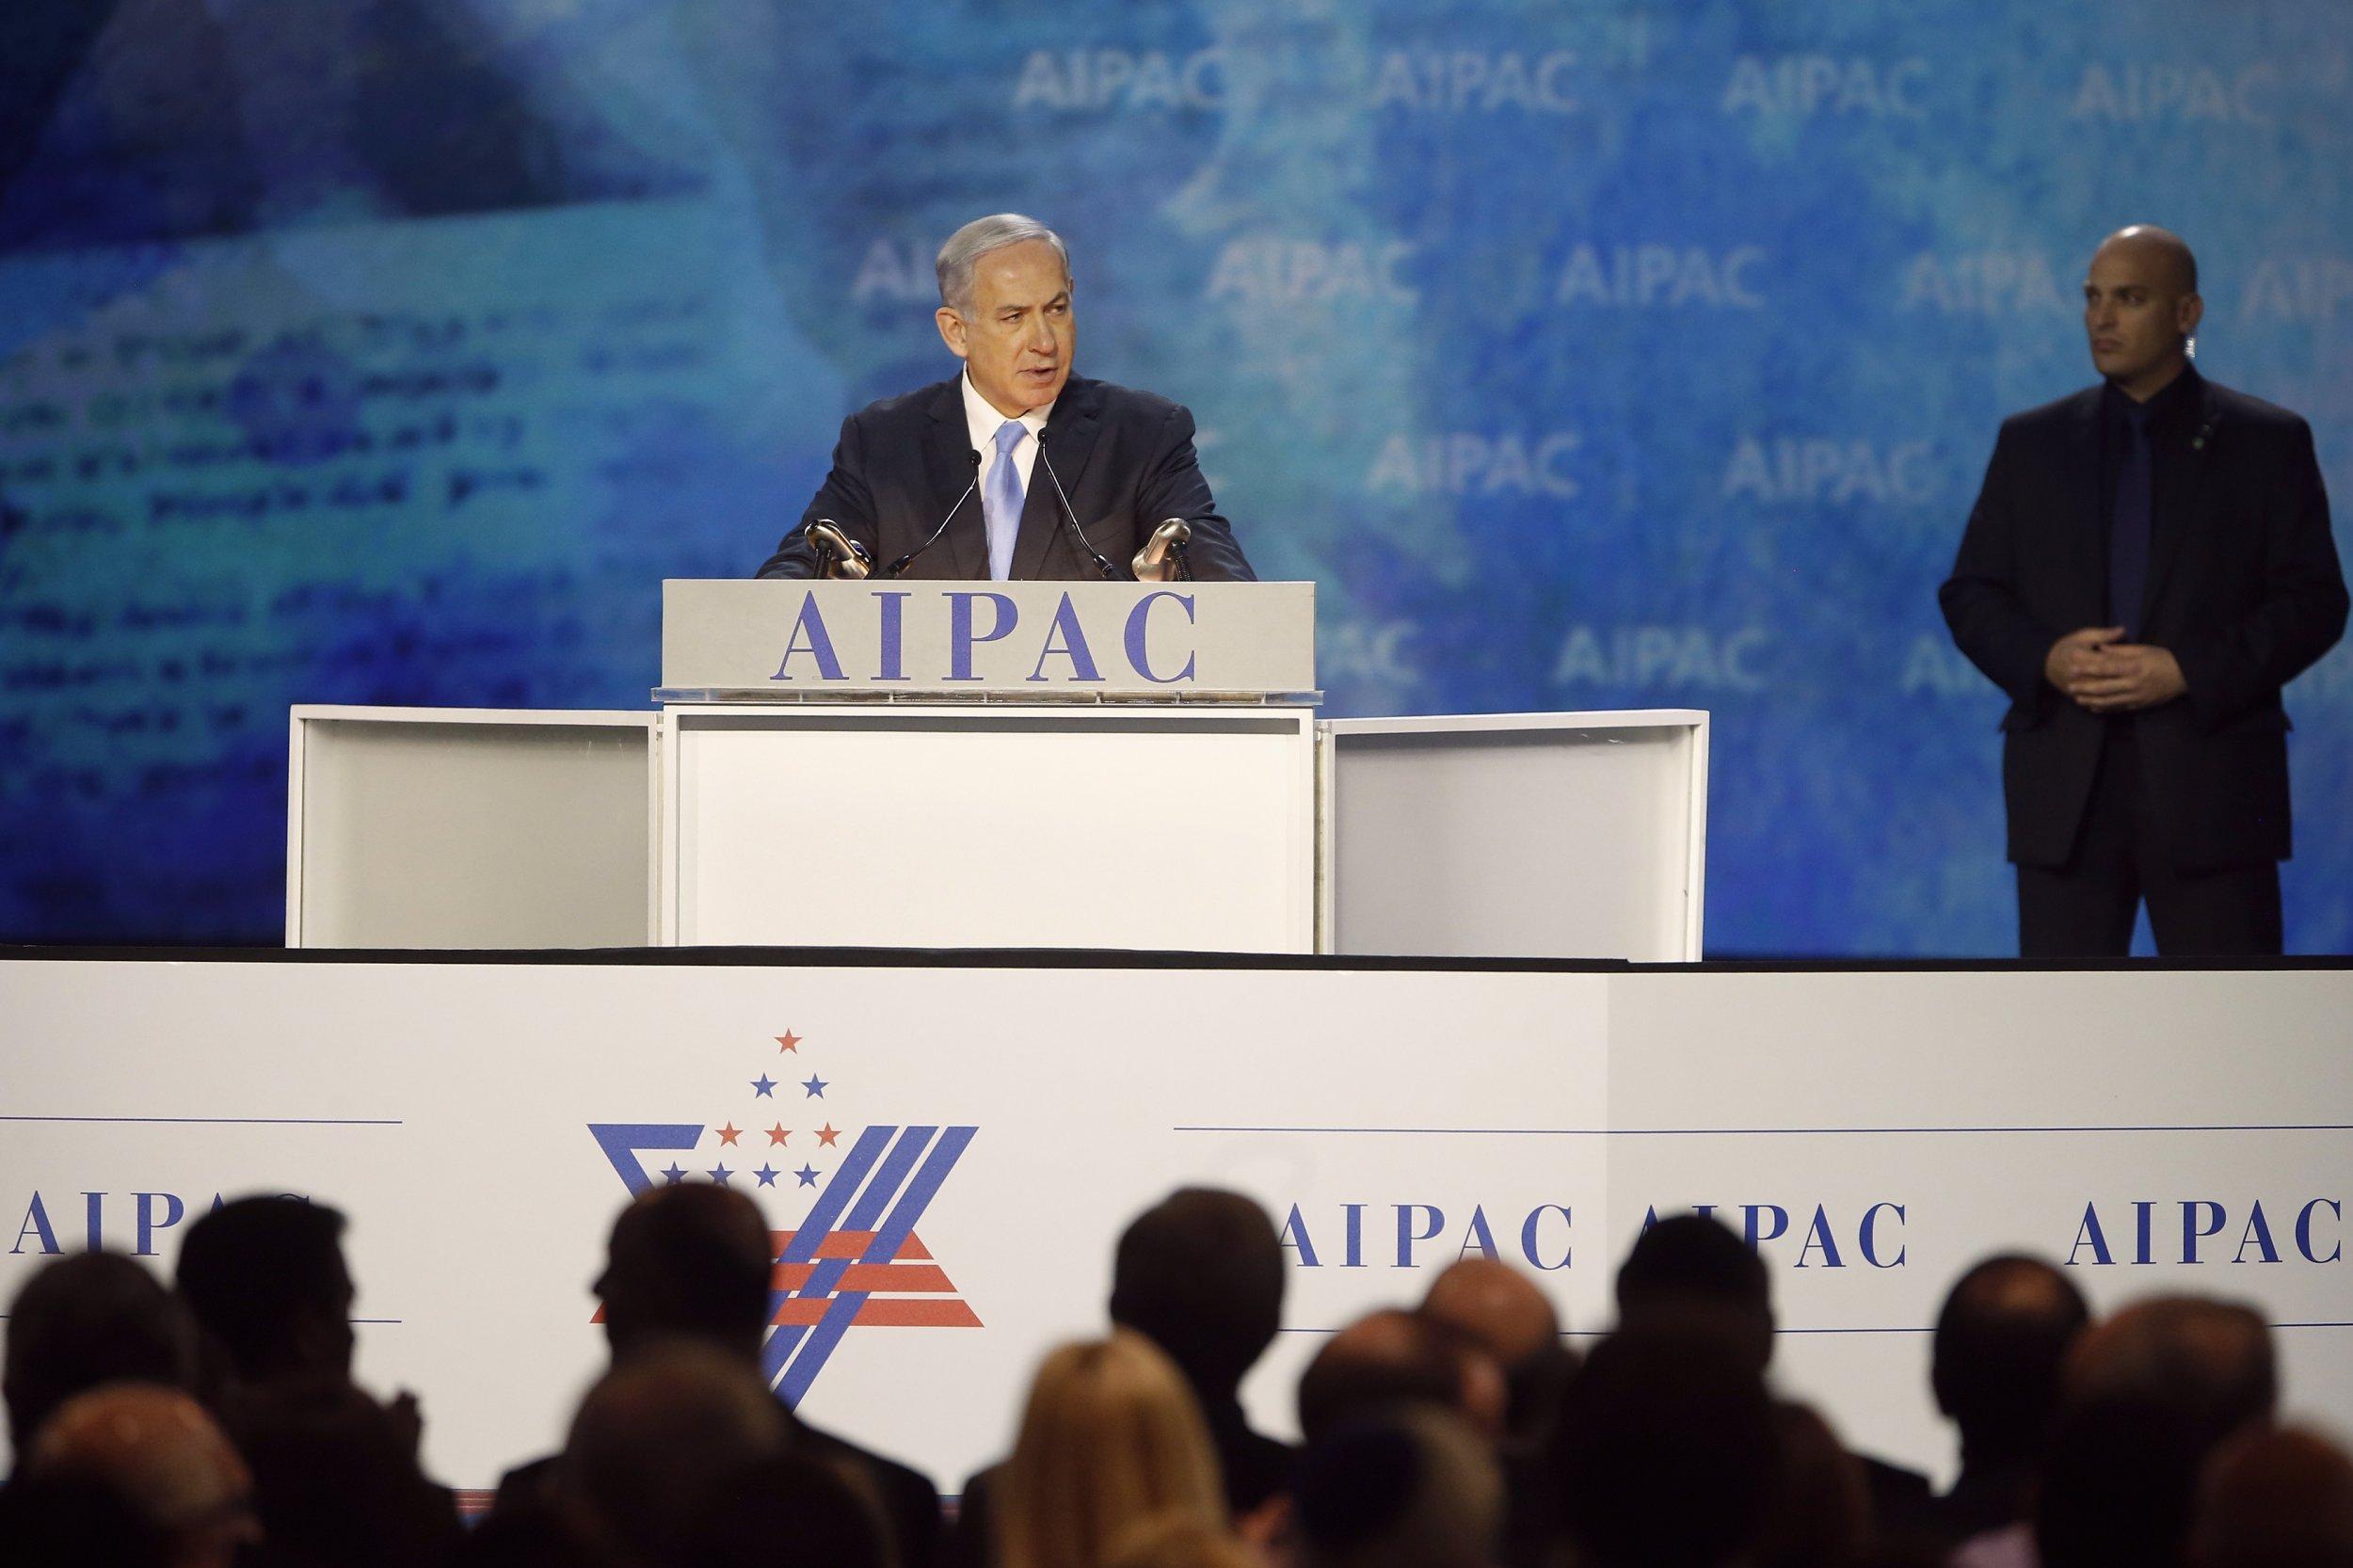 1013_AIPAC Israel Iran Nuclear Deal